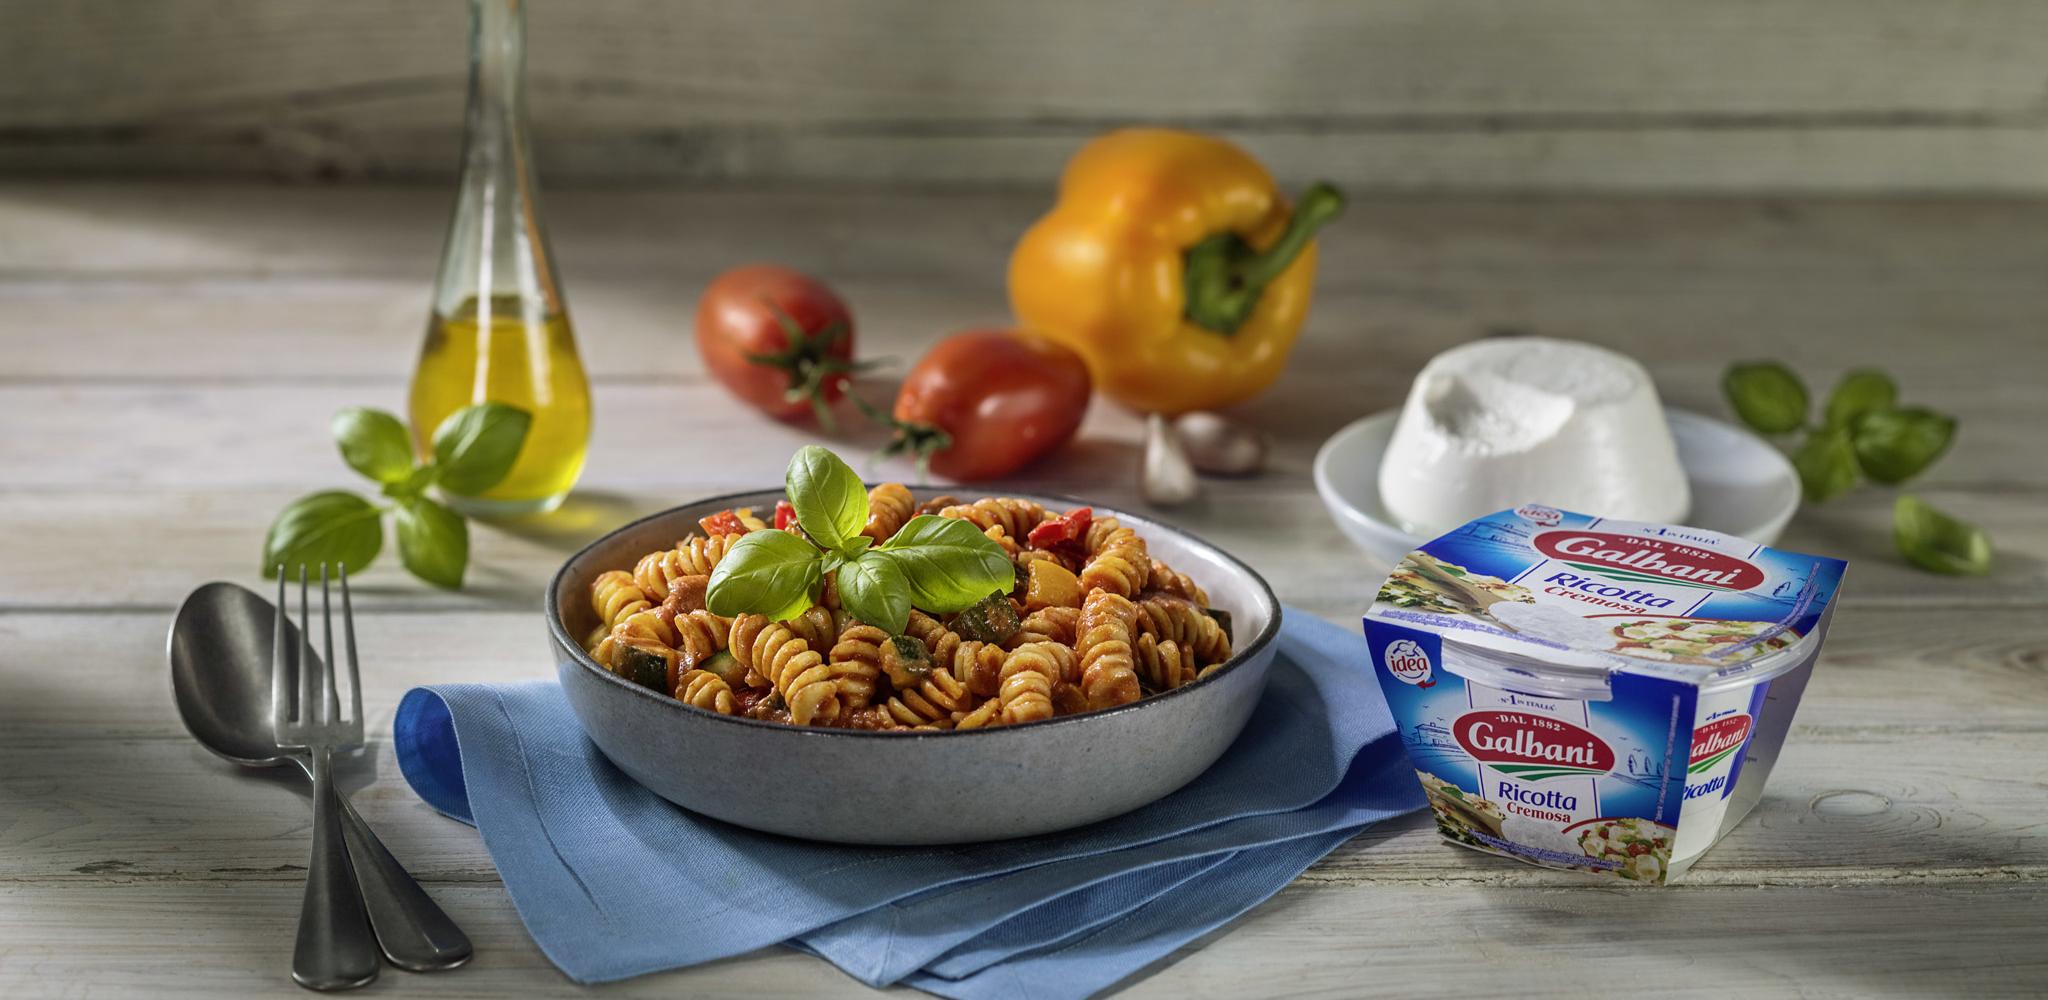 Sugo méditerranéen aux légumes avec Fusilli, Basilic et Ricotta Cremosa